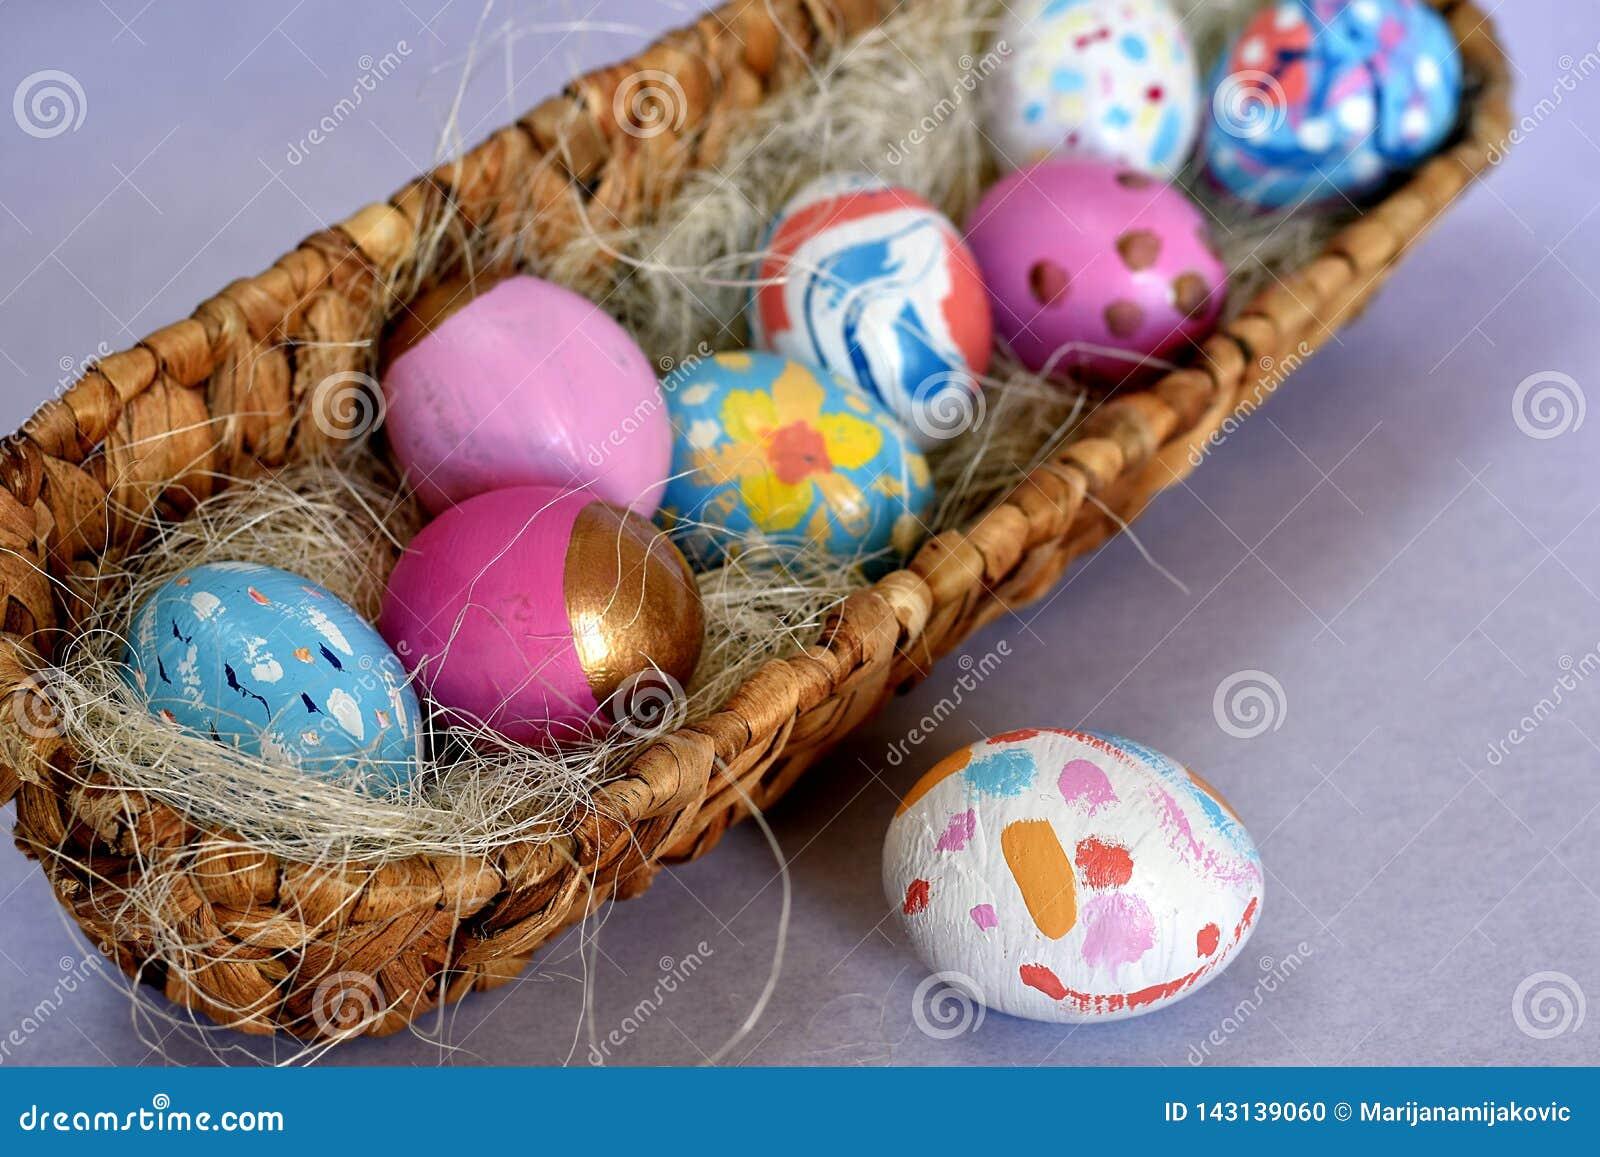 Овальная корзина вполне ярко покрашенных пасхальных яя с одним белым запятнанным яйцом рядом с